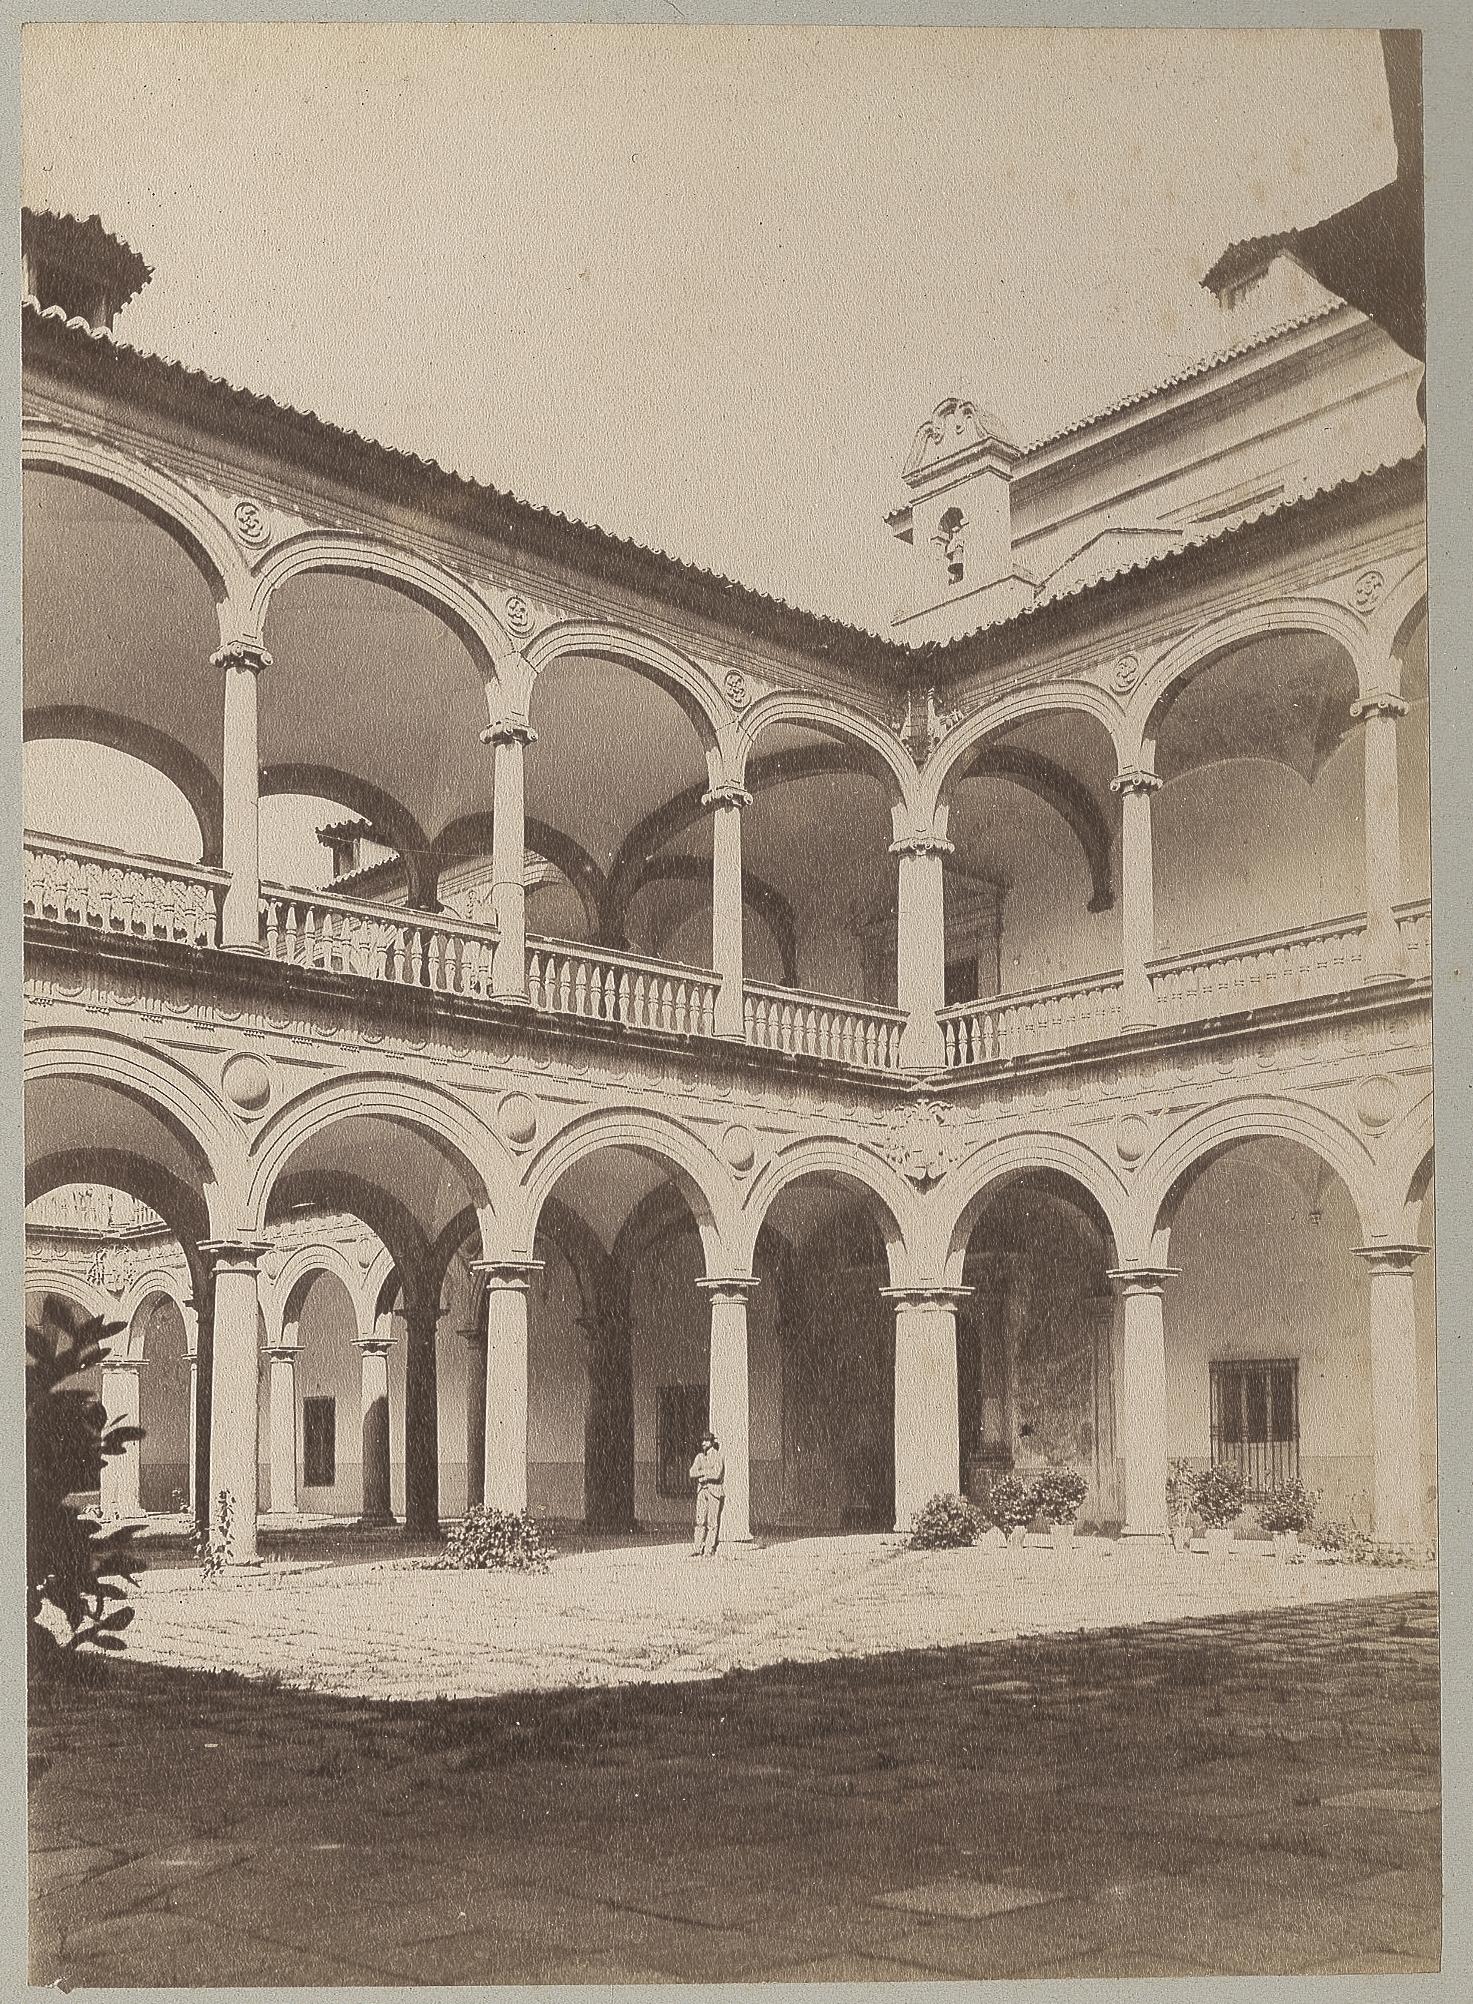 Hospital Tavera en 1886 © Archives départementales de l'Aude